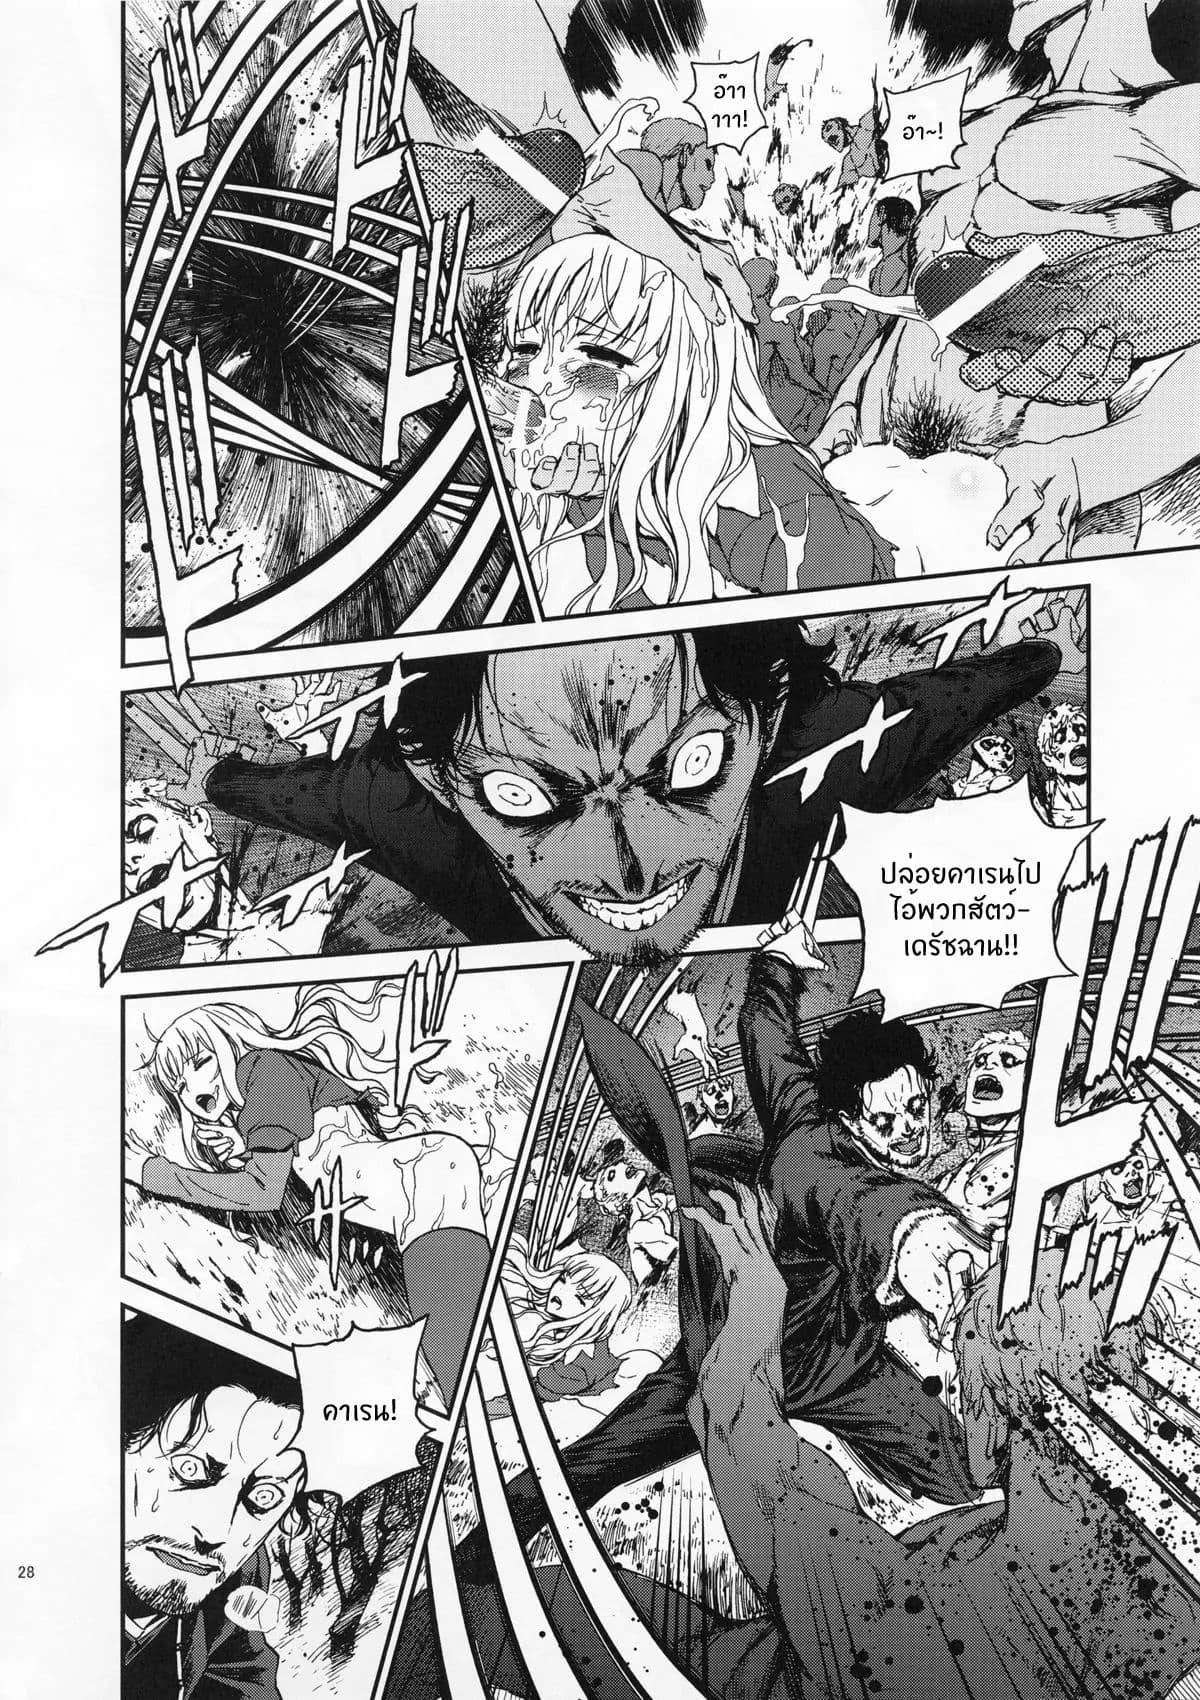 อ่านการ์ตูน (C83) [Ikujinashi no Fetishist] Eros&Agape (Fate hollow ataraxia) ภาพที่ 27